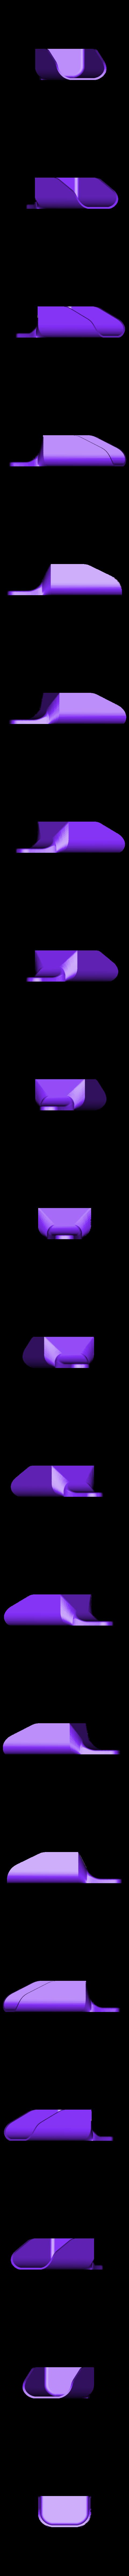 cucharita yerba.STL Download STL file Spoon • 3D printing design, damia05